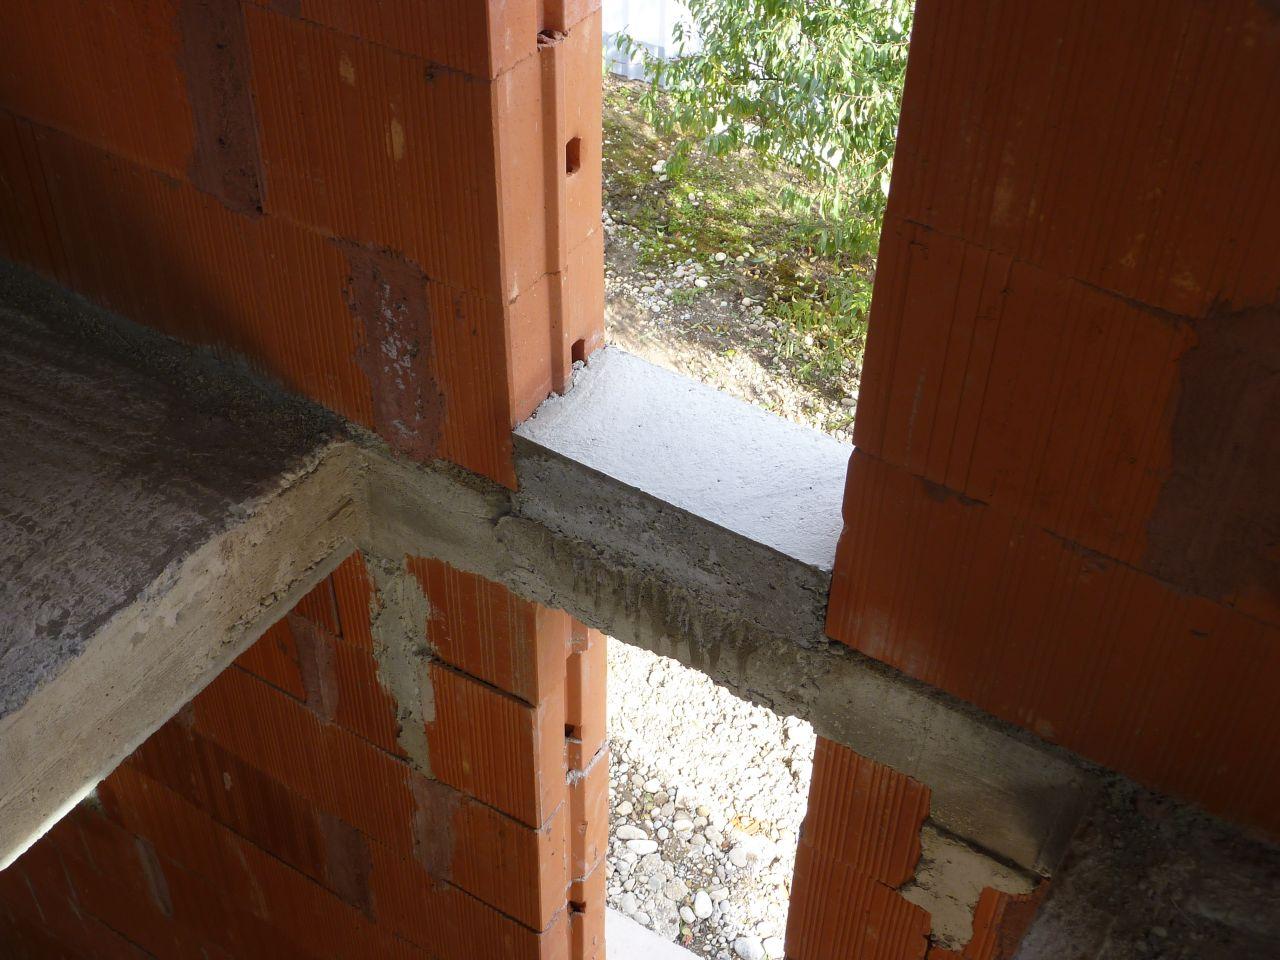 Hourdis polystyr ne appuis de fen tres en b ton et for Appui de fenetre en beton